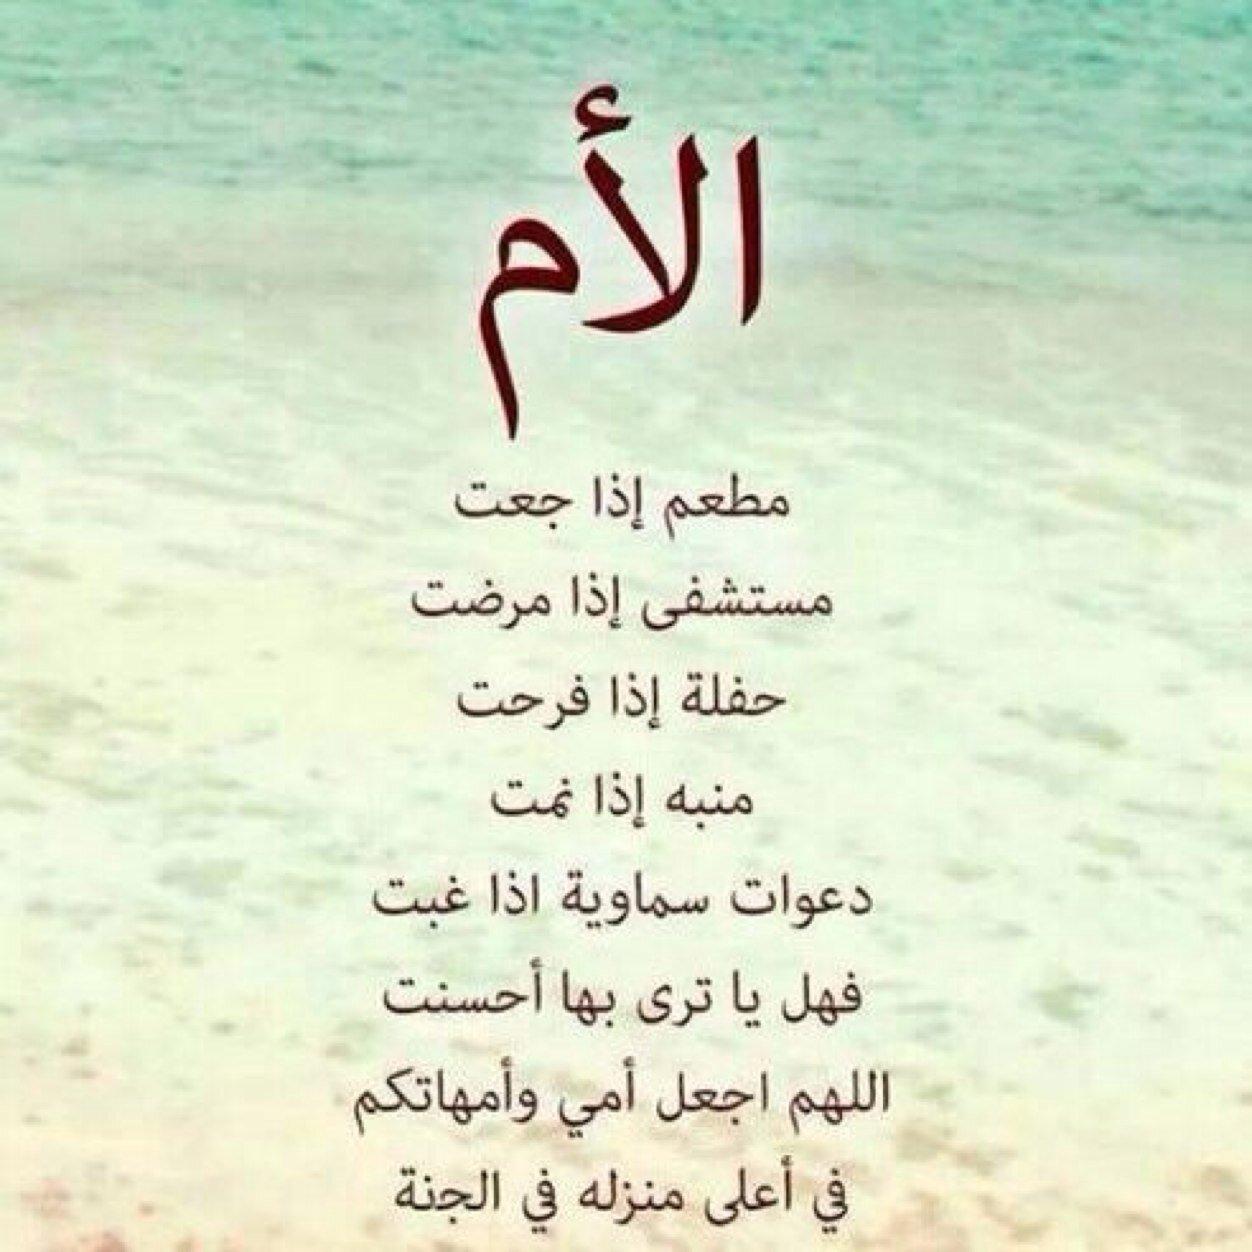 بالصور حكم عن الام , الام وحكم لتعظيم من شانها